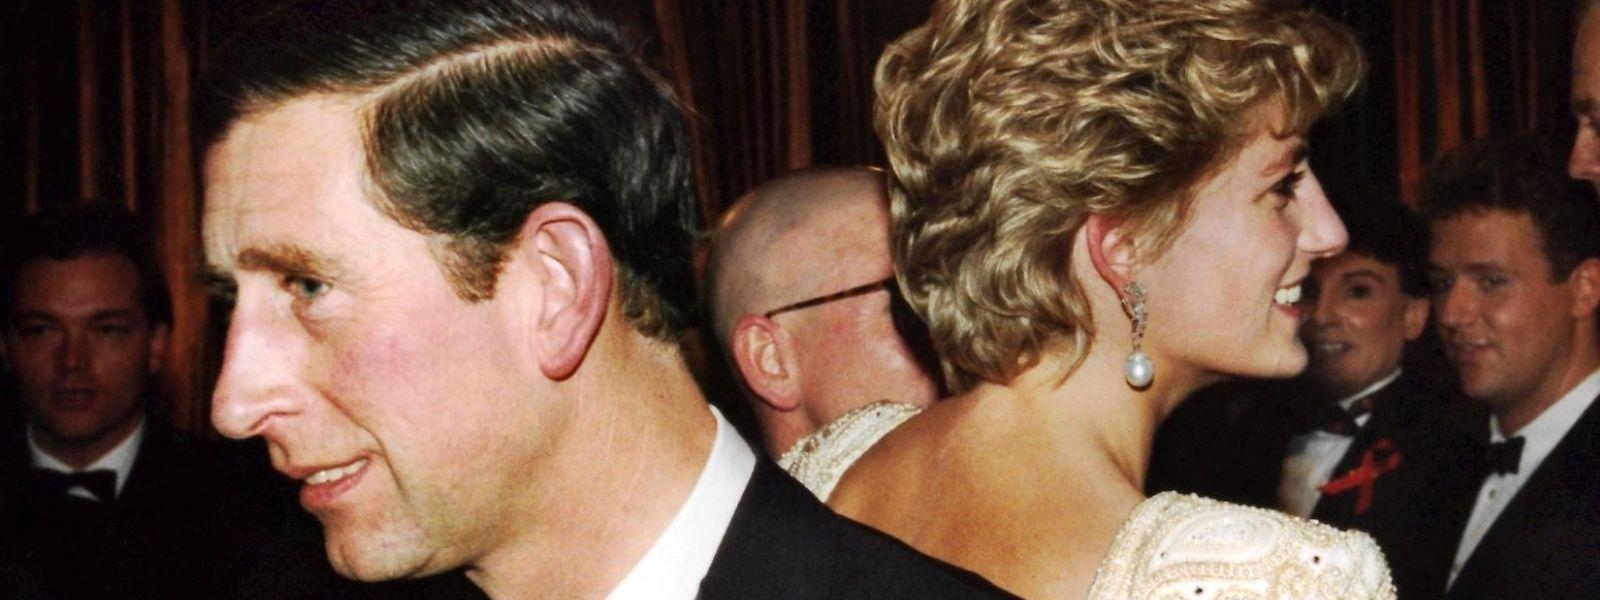 Einer der letzten gemeinsamen Auftritte vor der Trennung: Charles und Diana wenden sich bei einem Theaterbesuch im Jahr 1992 den Rücken zu.